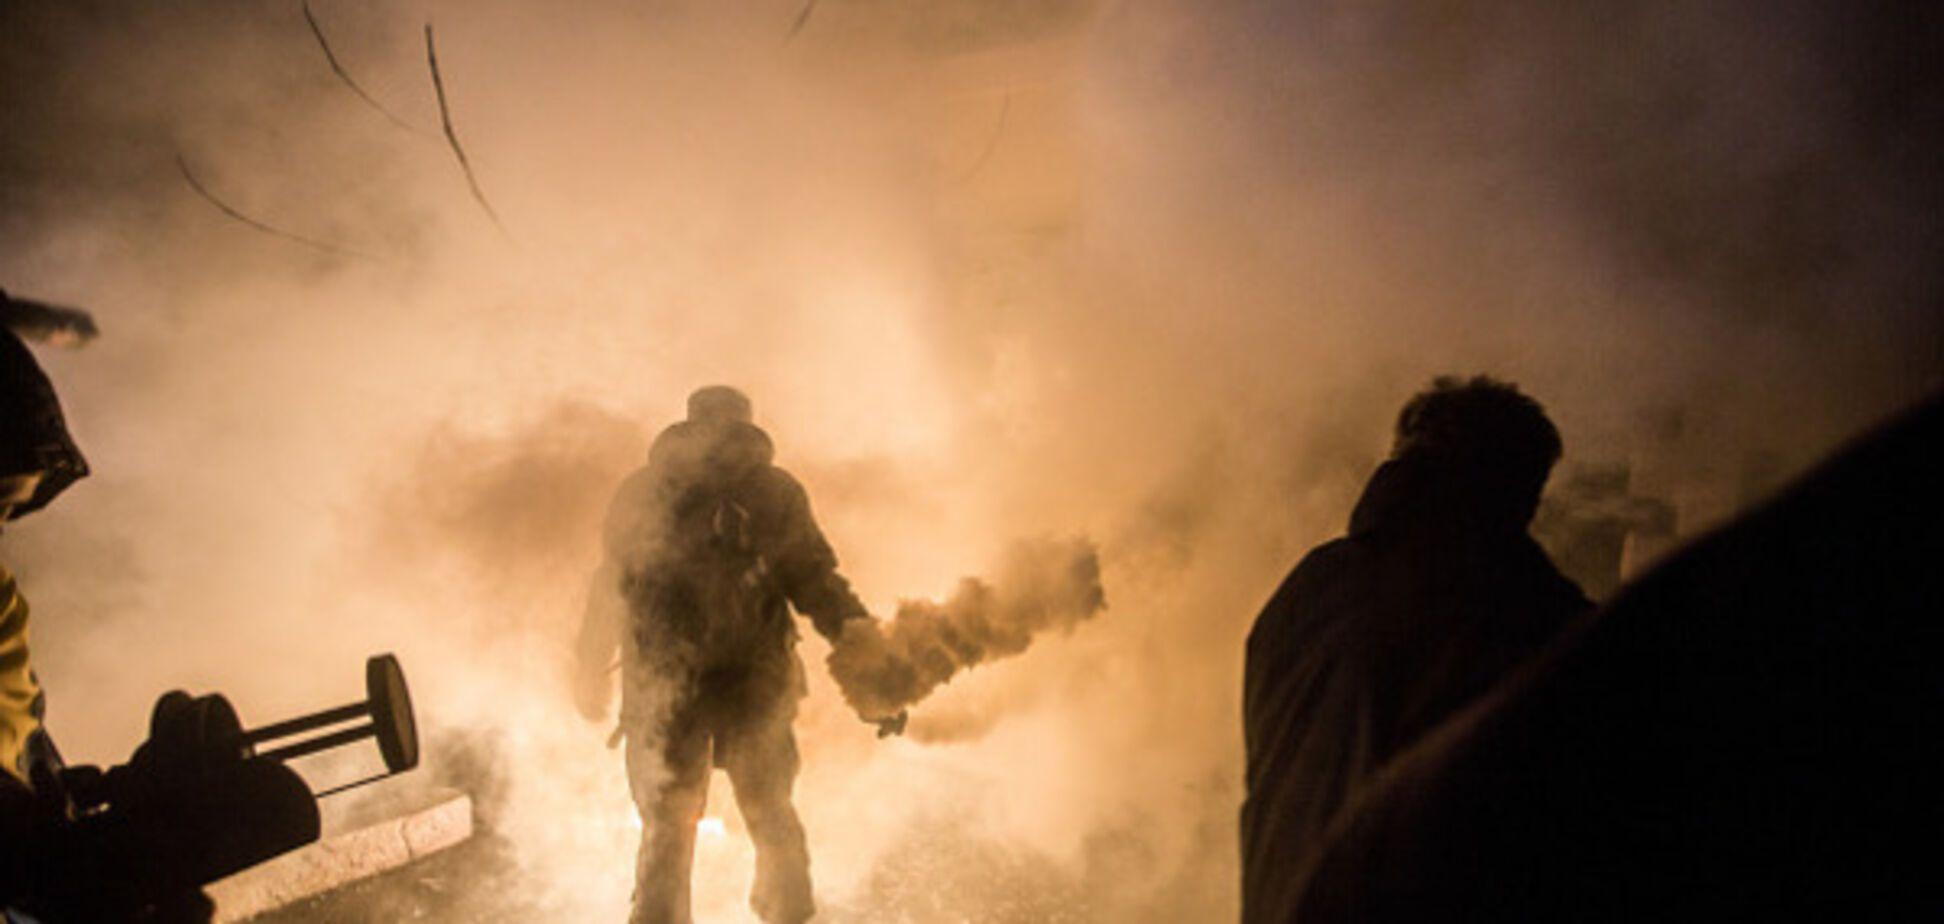 Зброя на Майдані: Шуляк зробив резонансну заяву